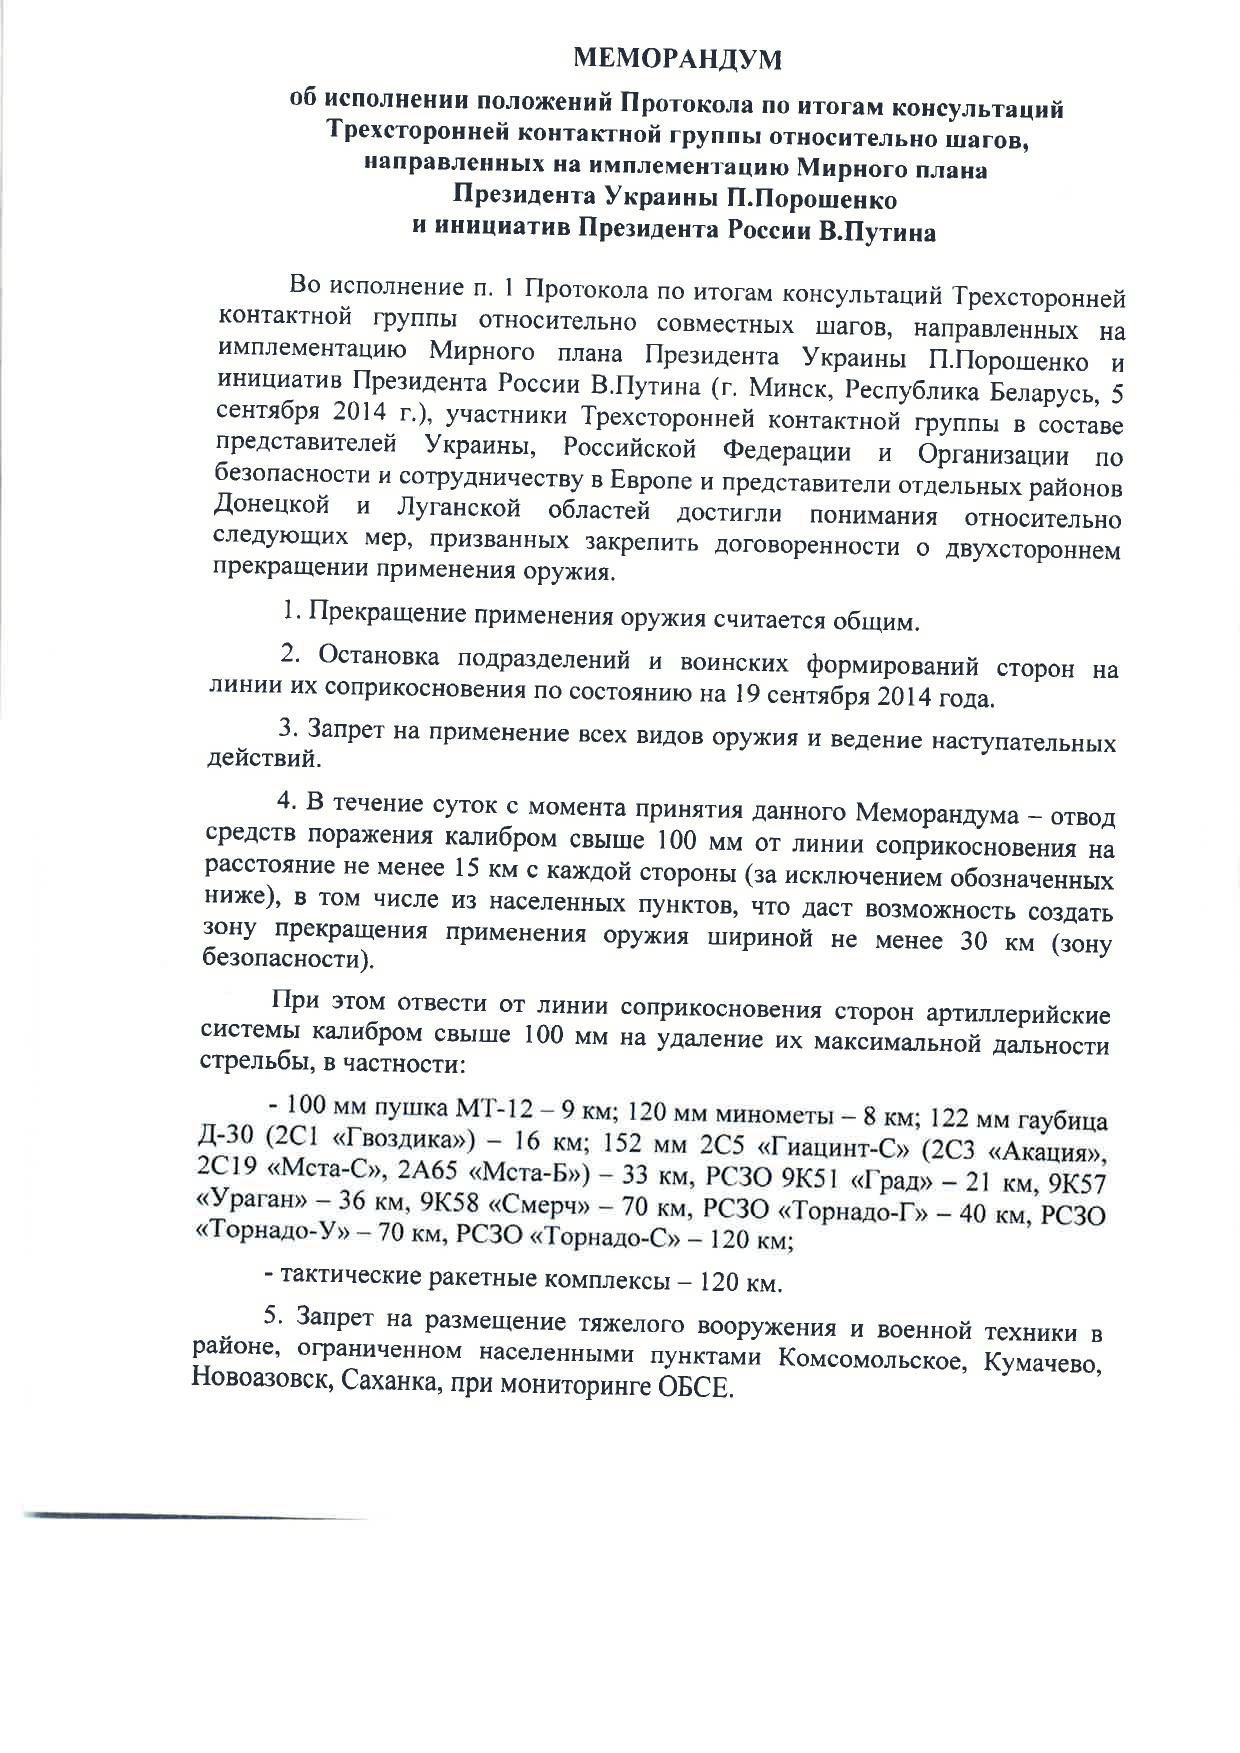 """Краматорск обстреляли из """"Смерчей"""". Стреляли целенаправленно по городу, - Селезнев - Цензор.НЕТ 7278"""